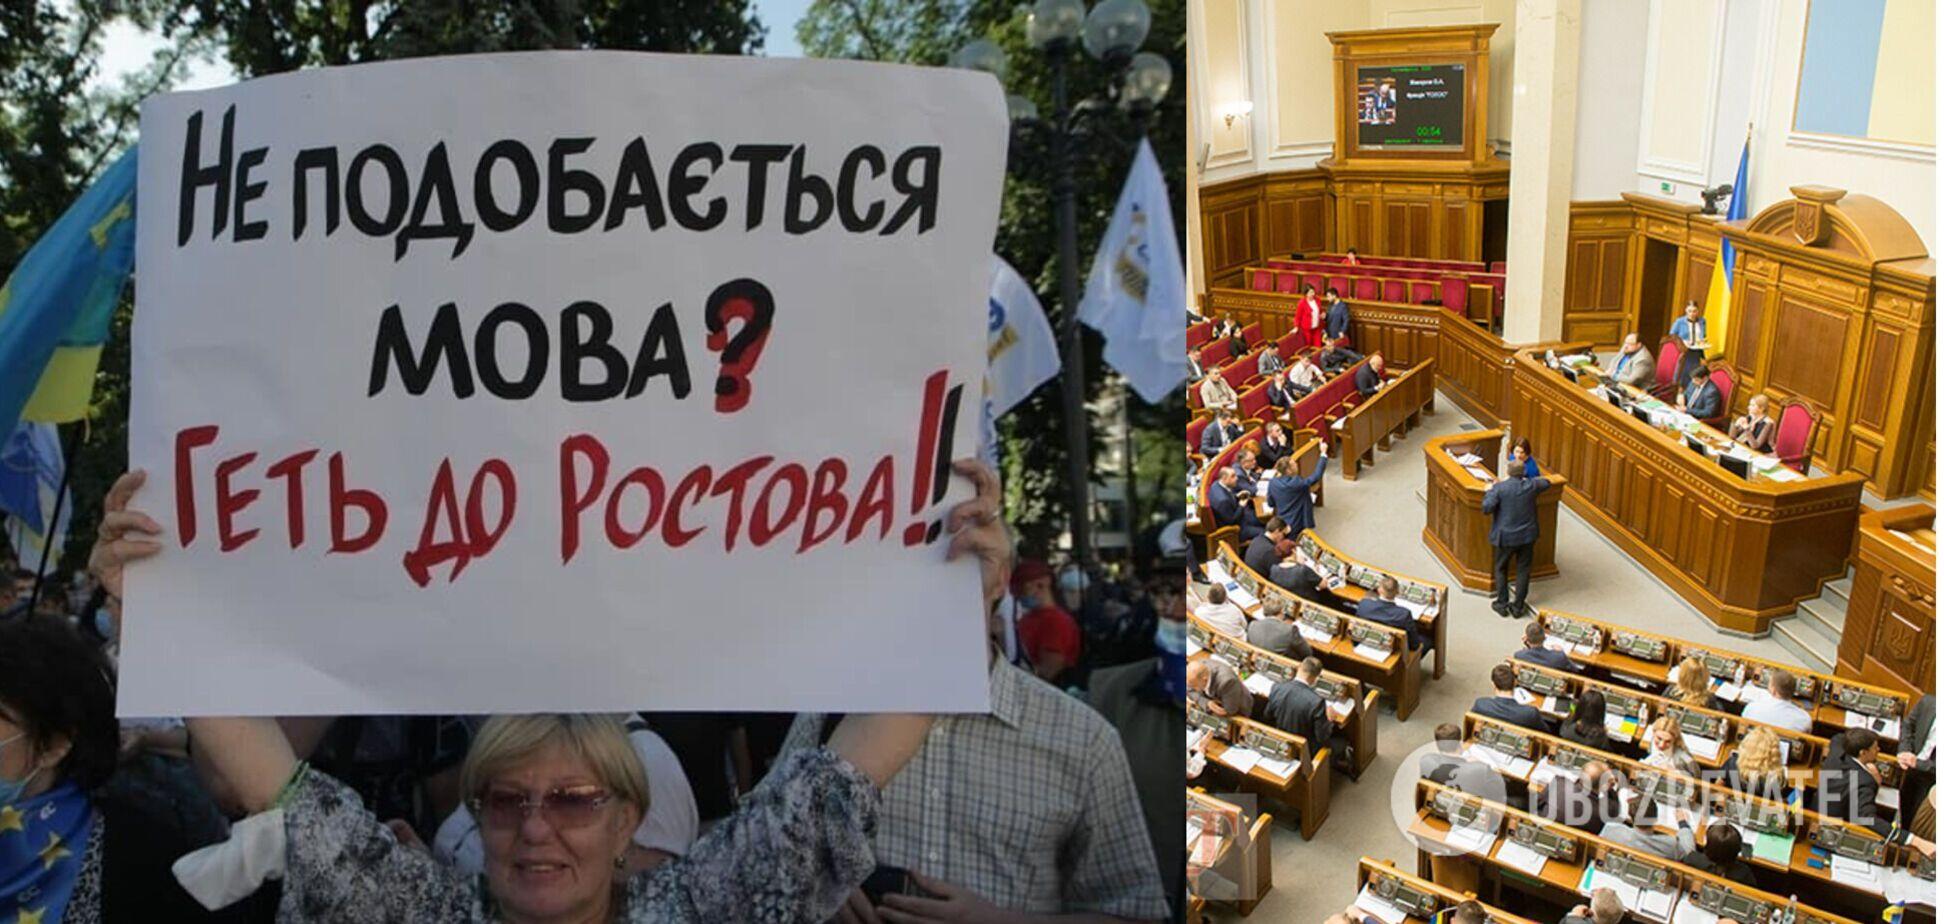 У Раді відкликали поправки до мовного закону, що викликали протест у суспільстві